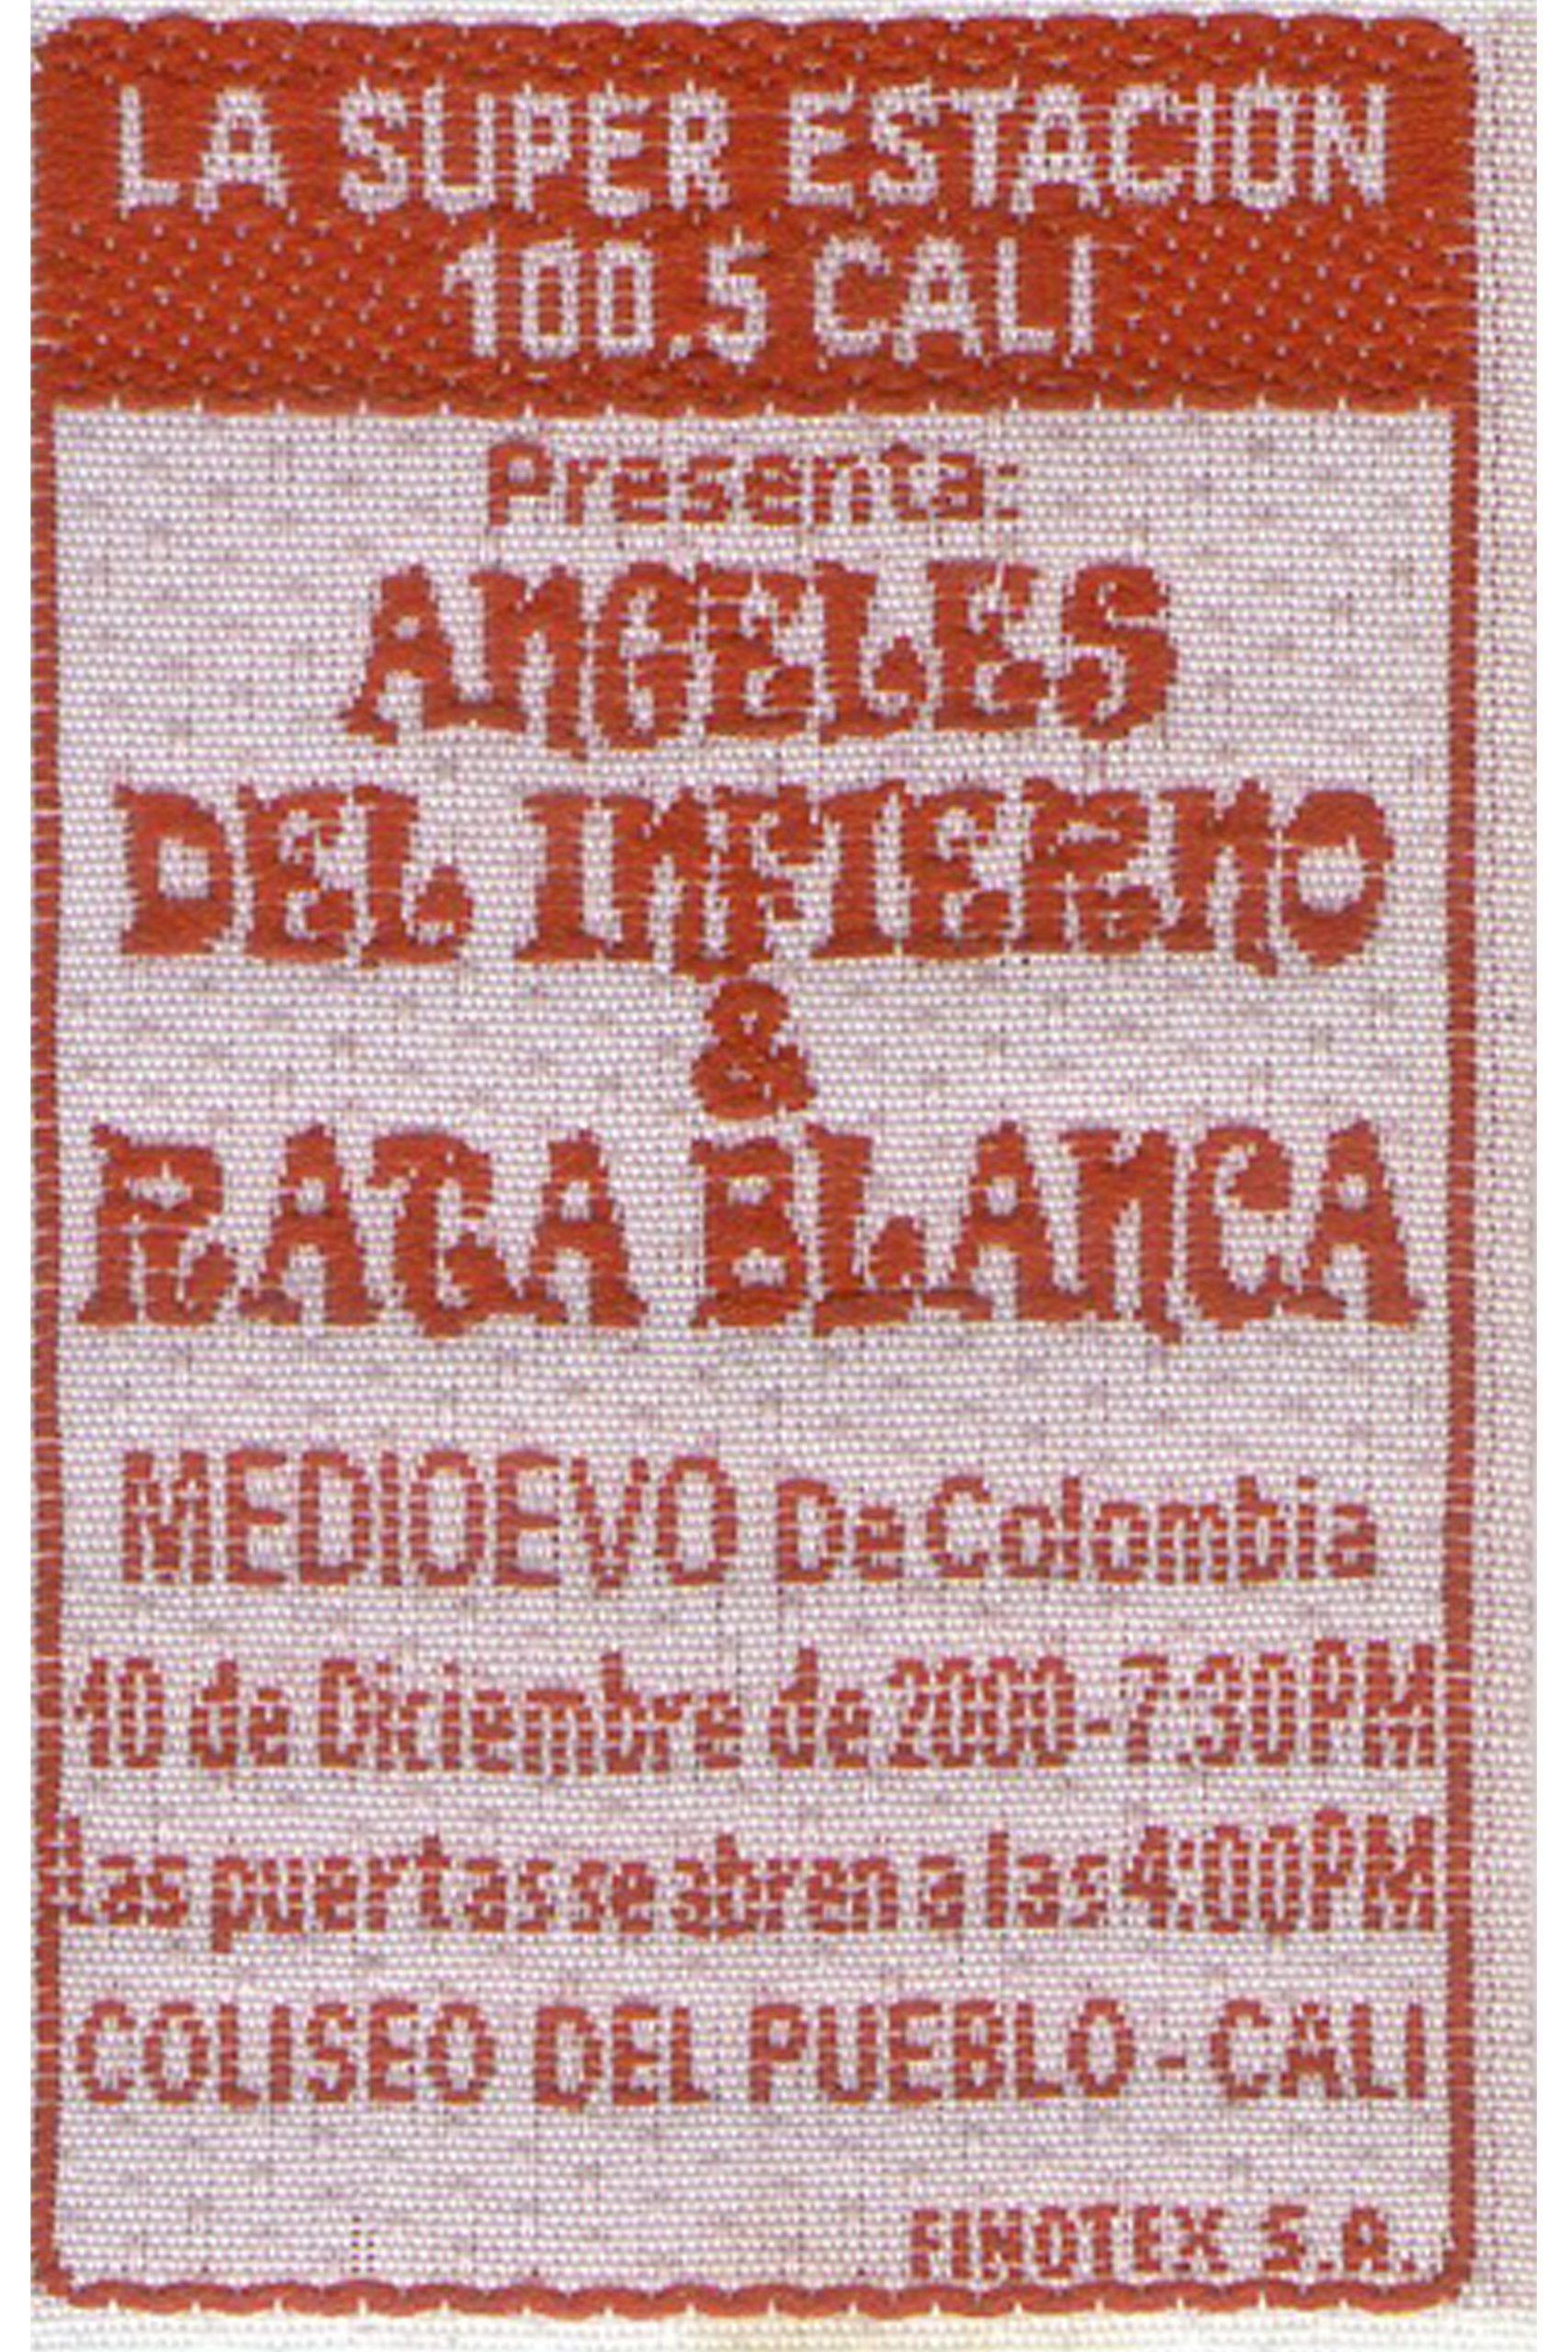 Heavy Metal en Colombia